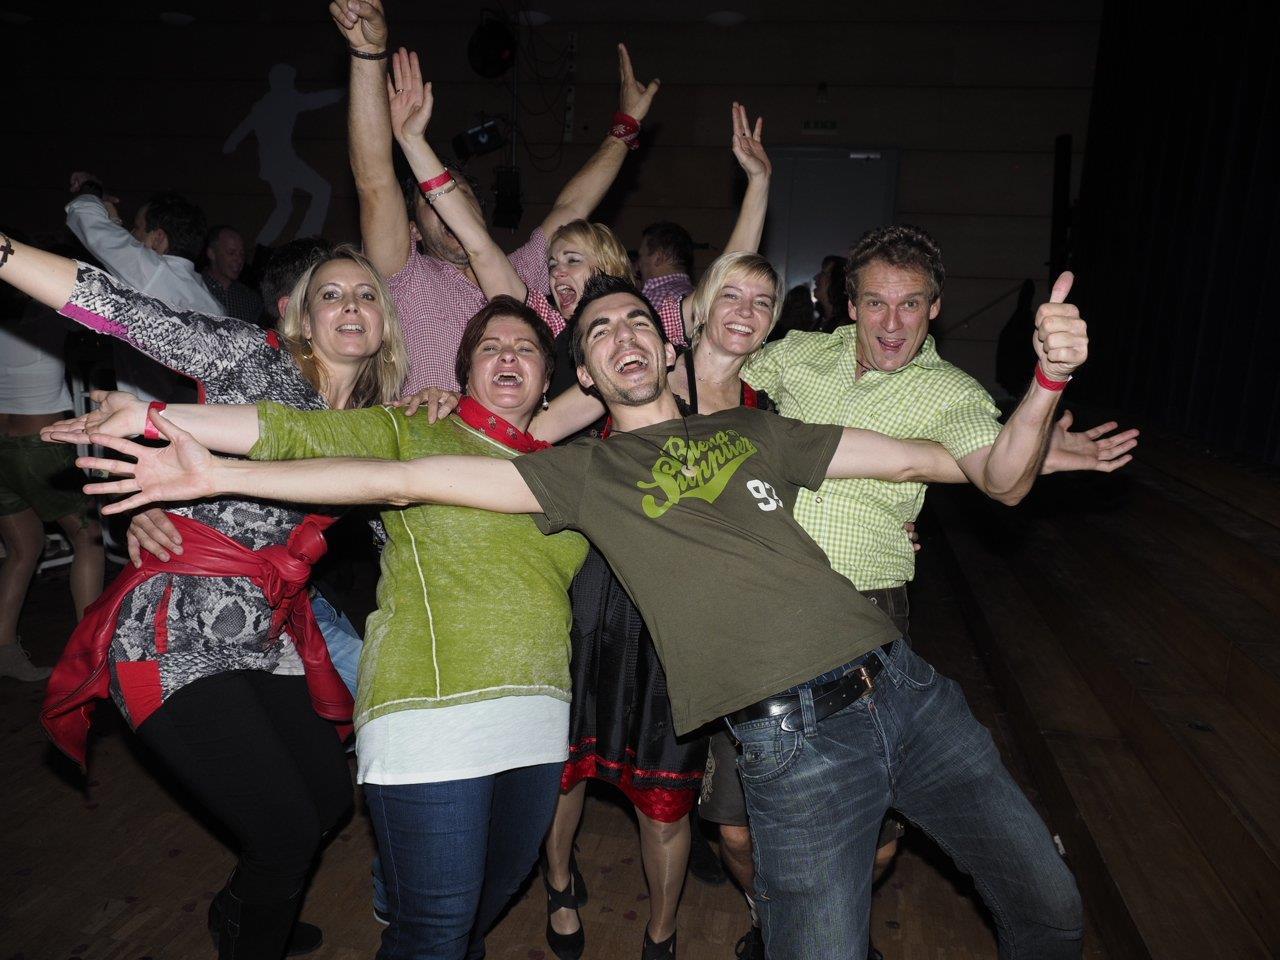 Partystimmung und gute Laune sind bei der Ü40 Party amKumma garantiert...